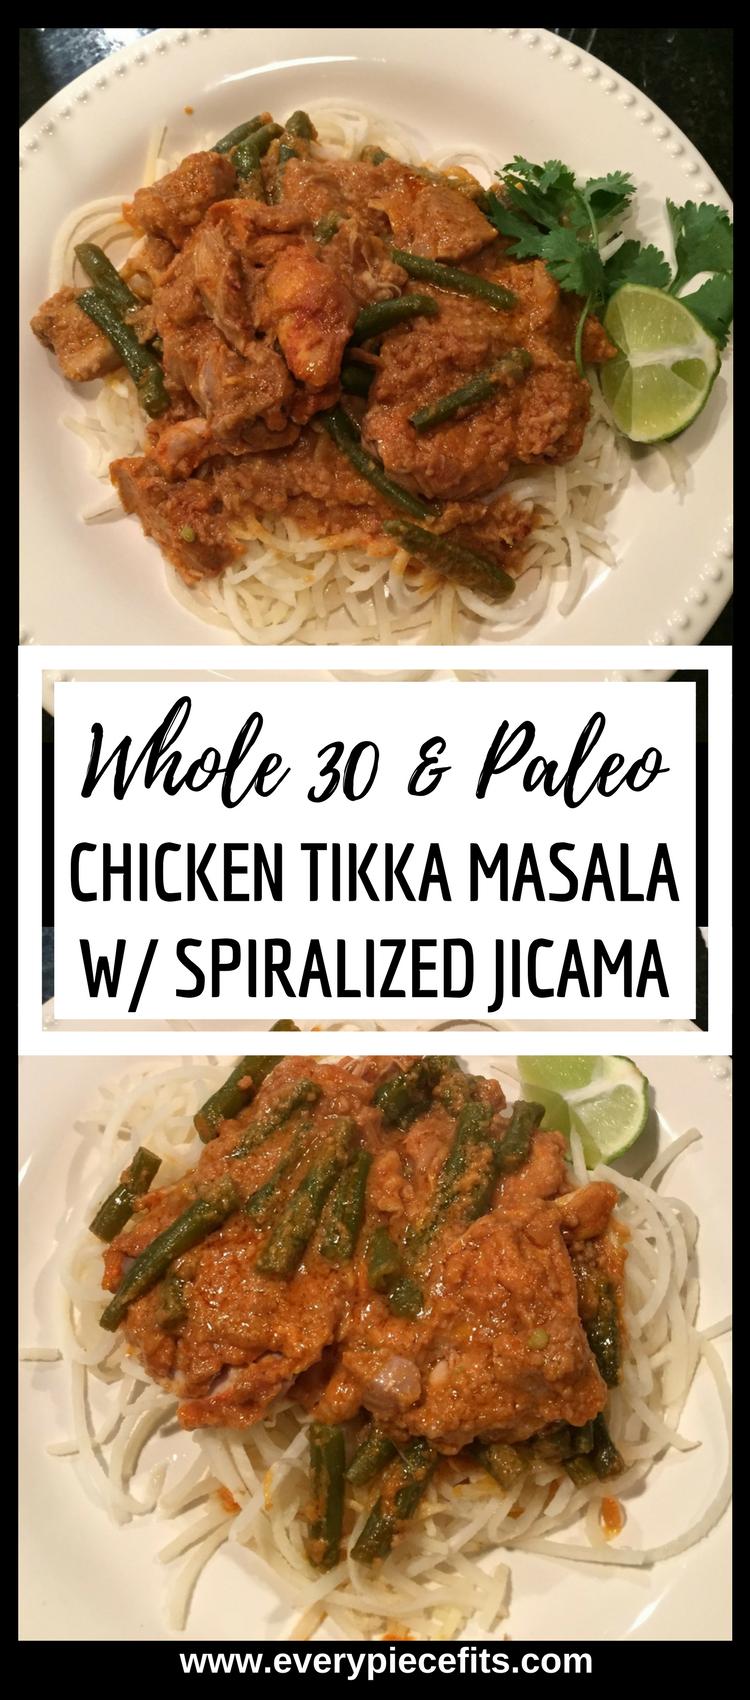 Whole 30 & Paleo Chicken Tikka Masala.png